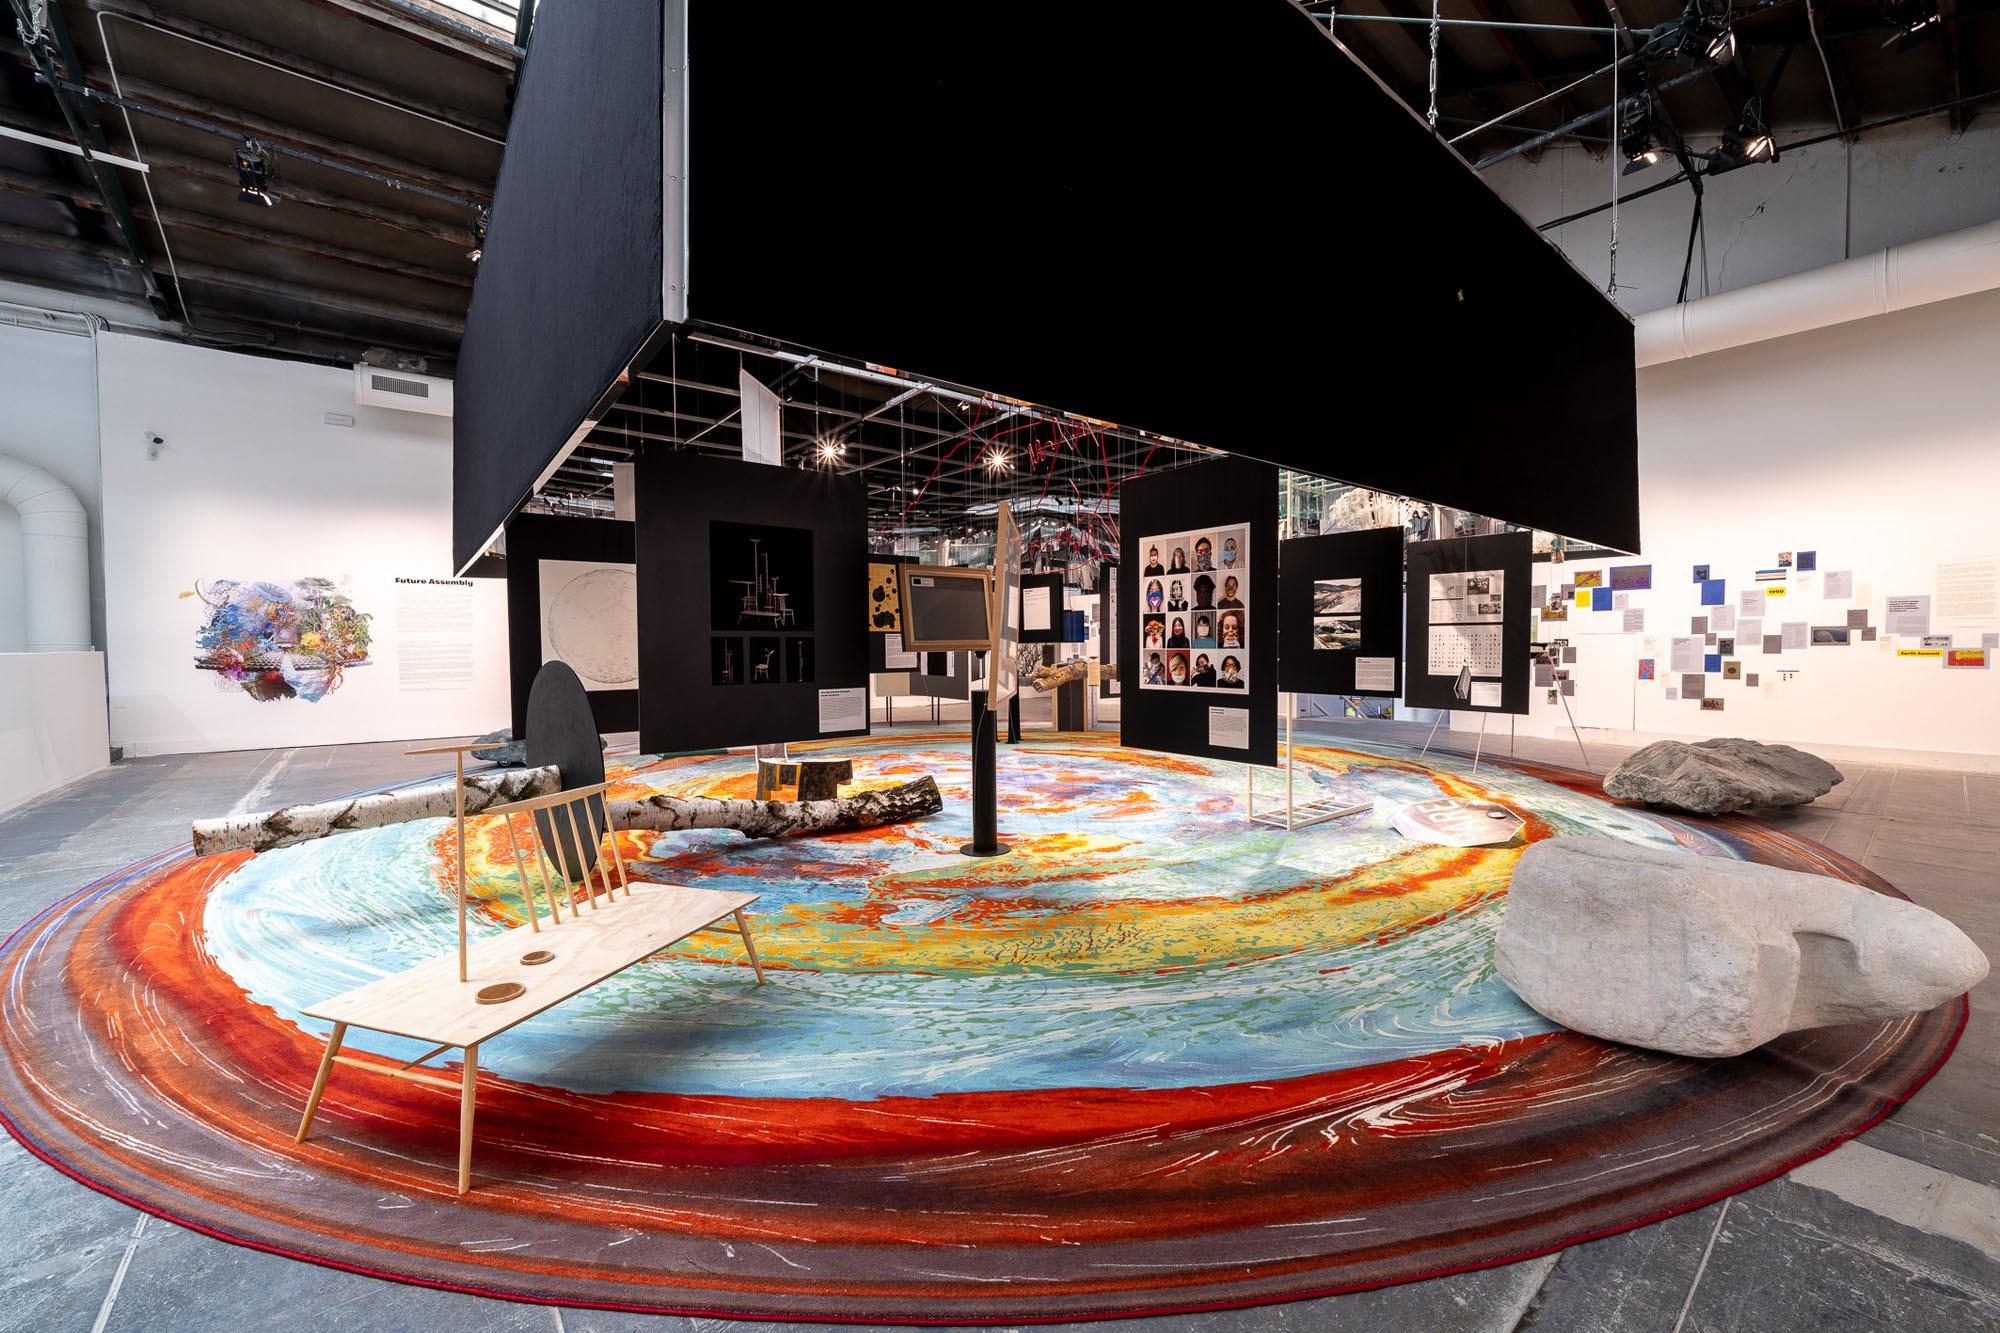 Olafur Eliasson, Sebastian Behmann (Studio Other Spaces), Paola Antonelli und andere / The Future Assembly, 2021 / Foto:Andrea Avezzù/Courtesy: La Biennale di Venezia